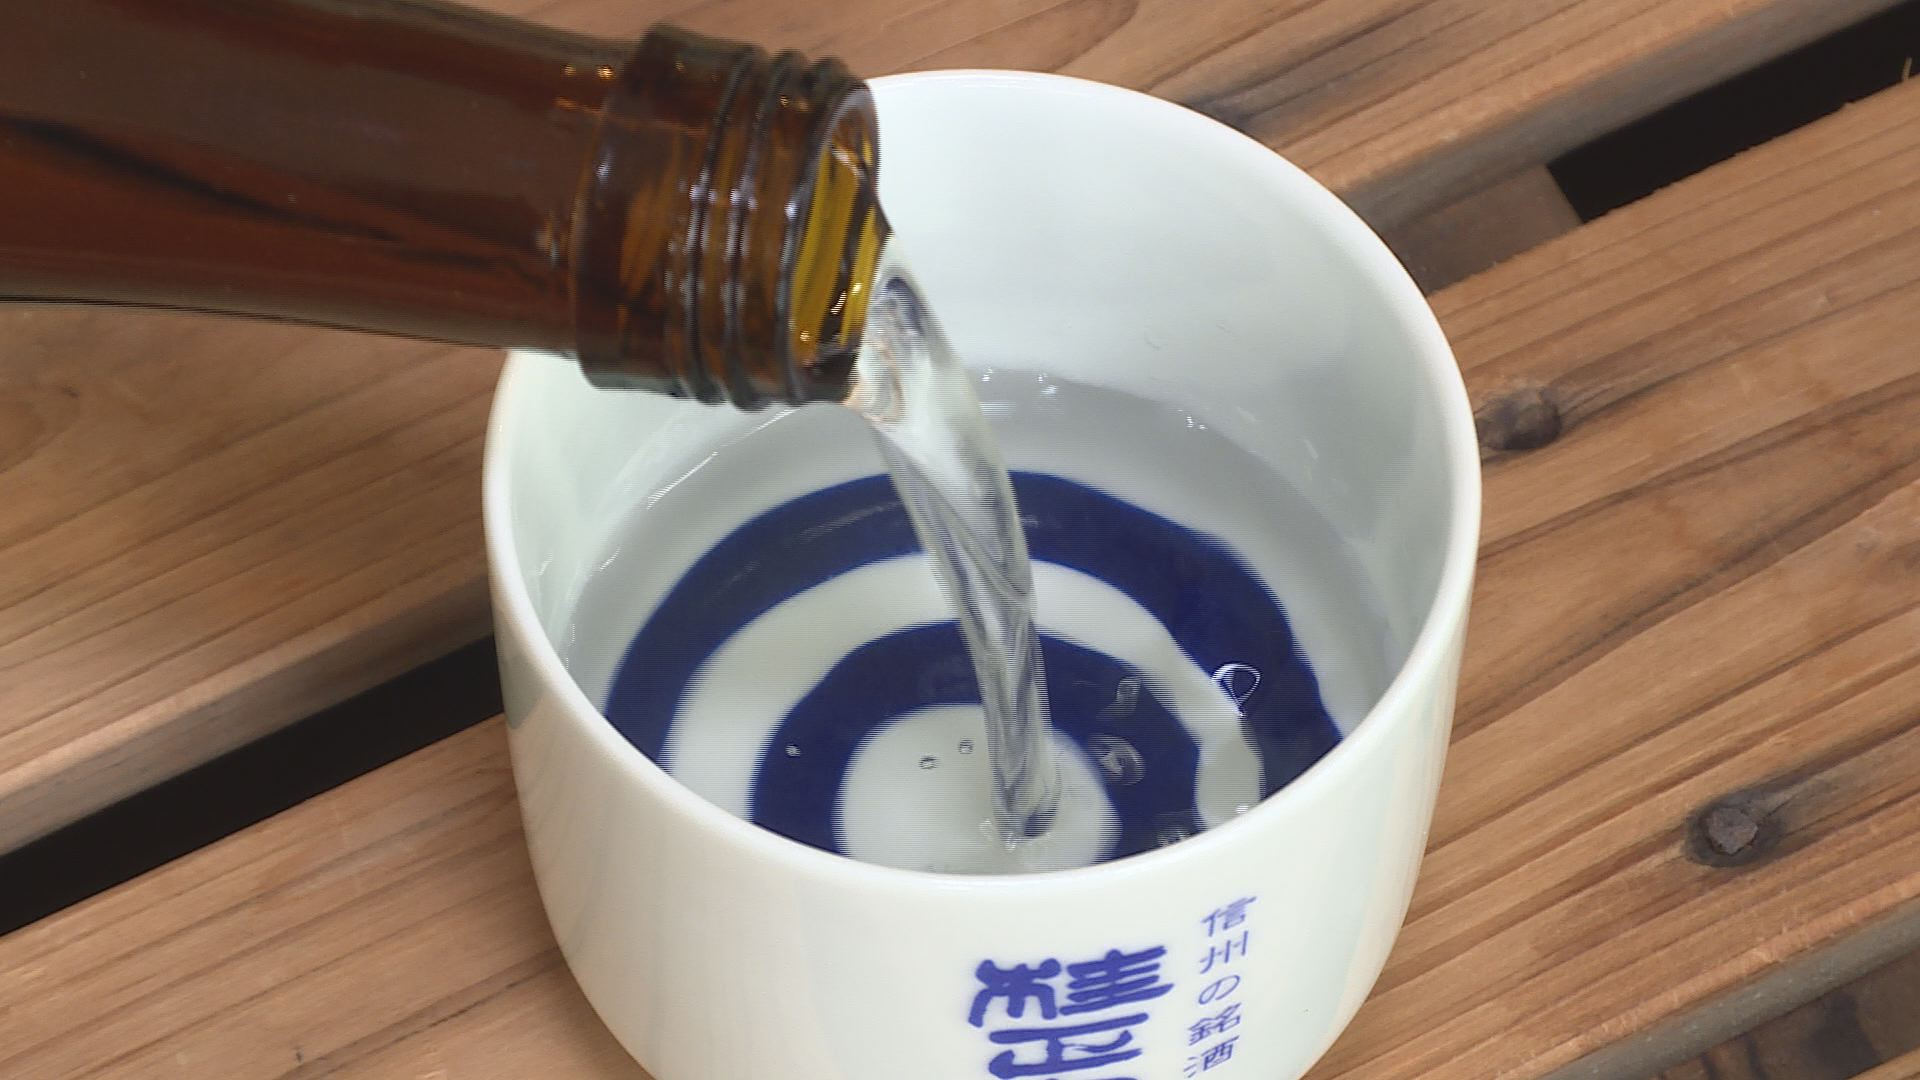 県内最古 川中島の酒蔵〜はしご酒(いいね!信州スゴヂカラ)